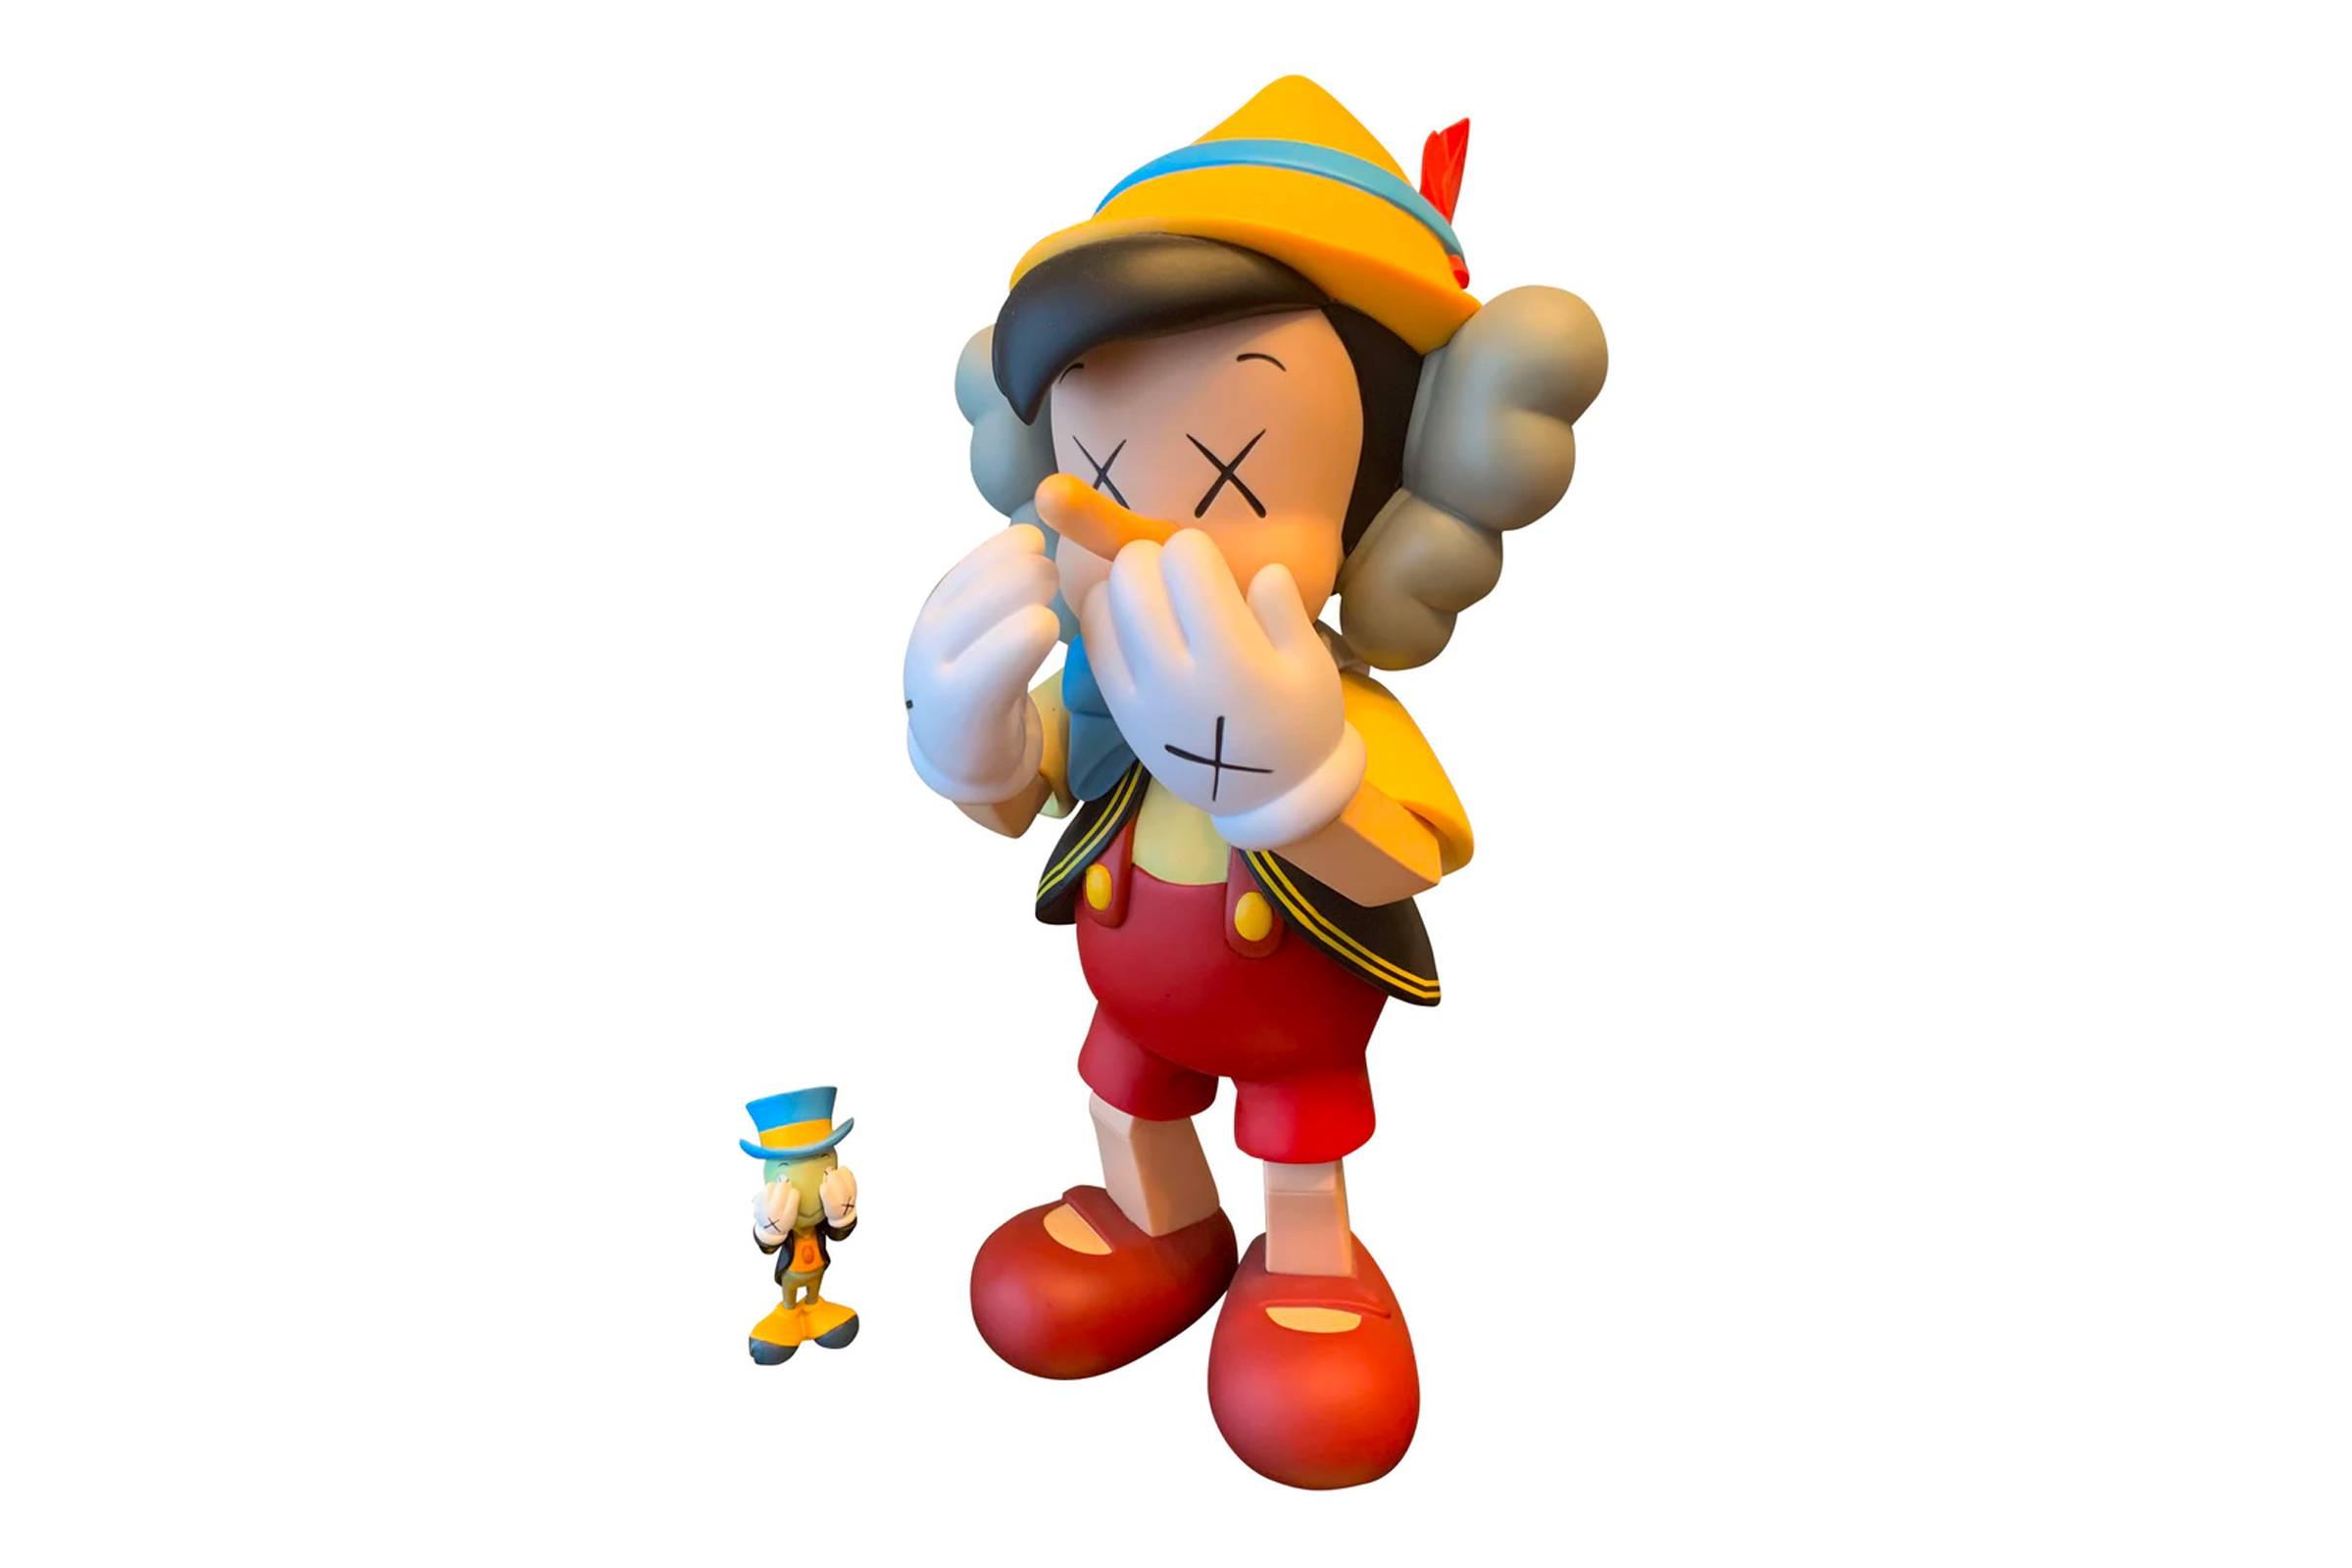 KAWS x Medicom Toy Pinnochio and Jiminy Cricket Vinyl